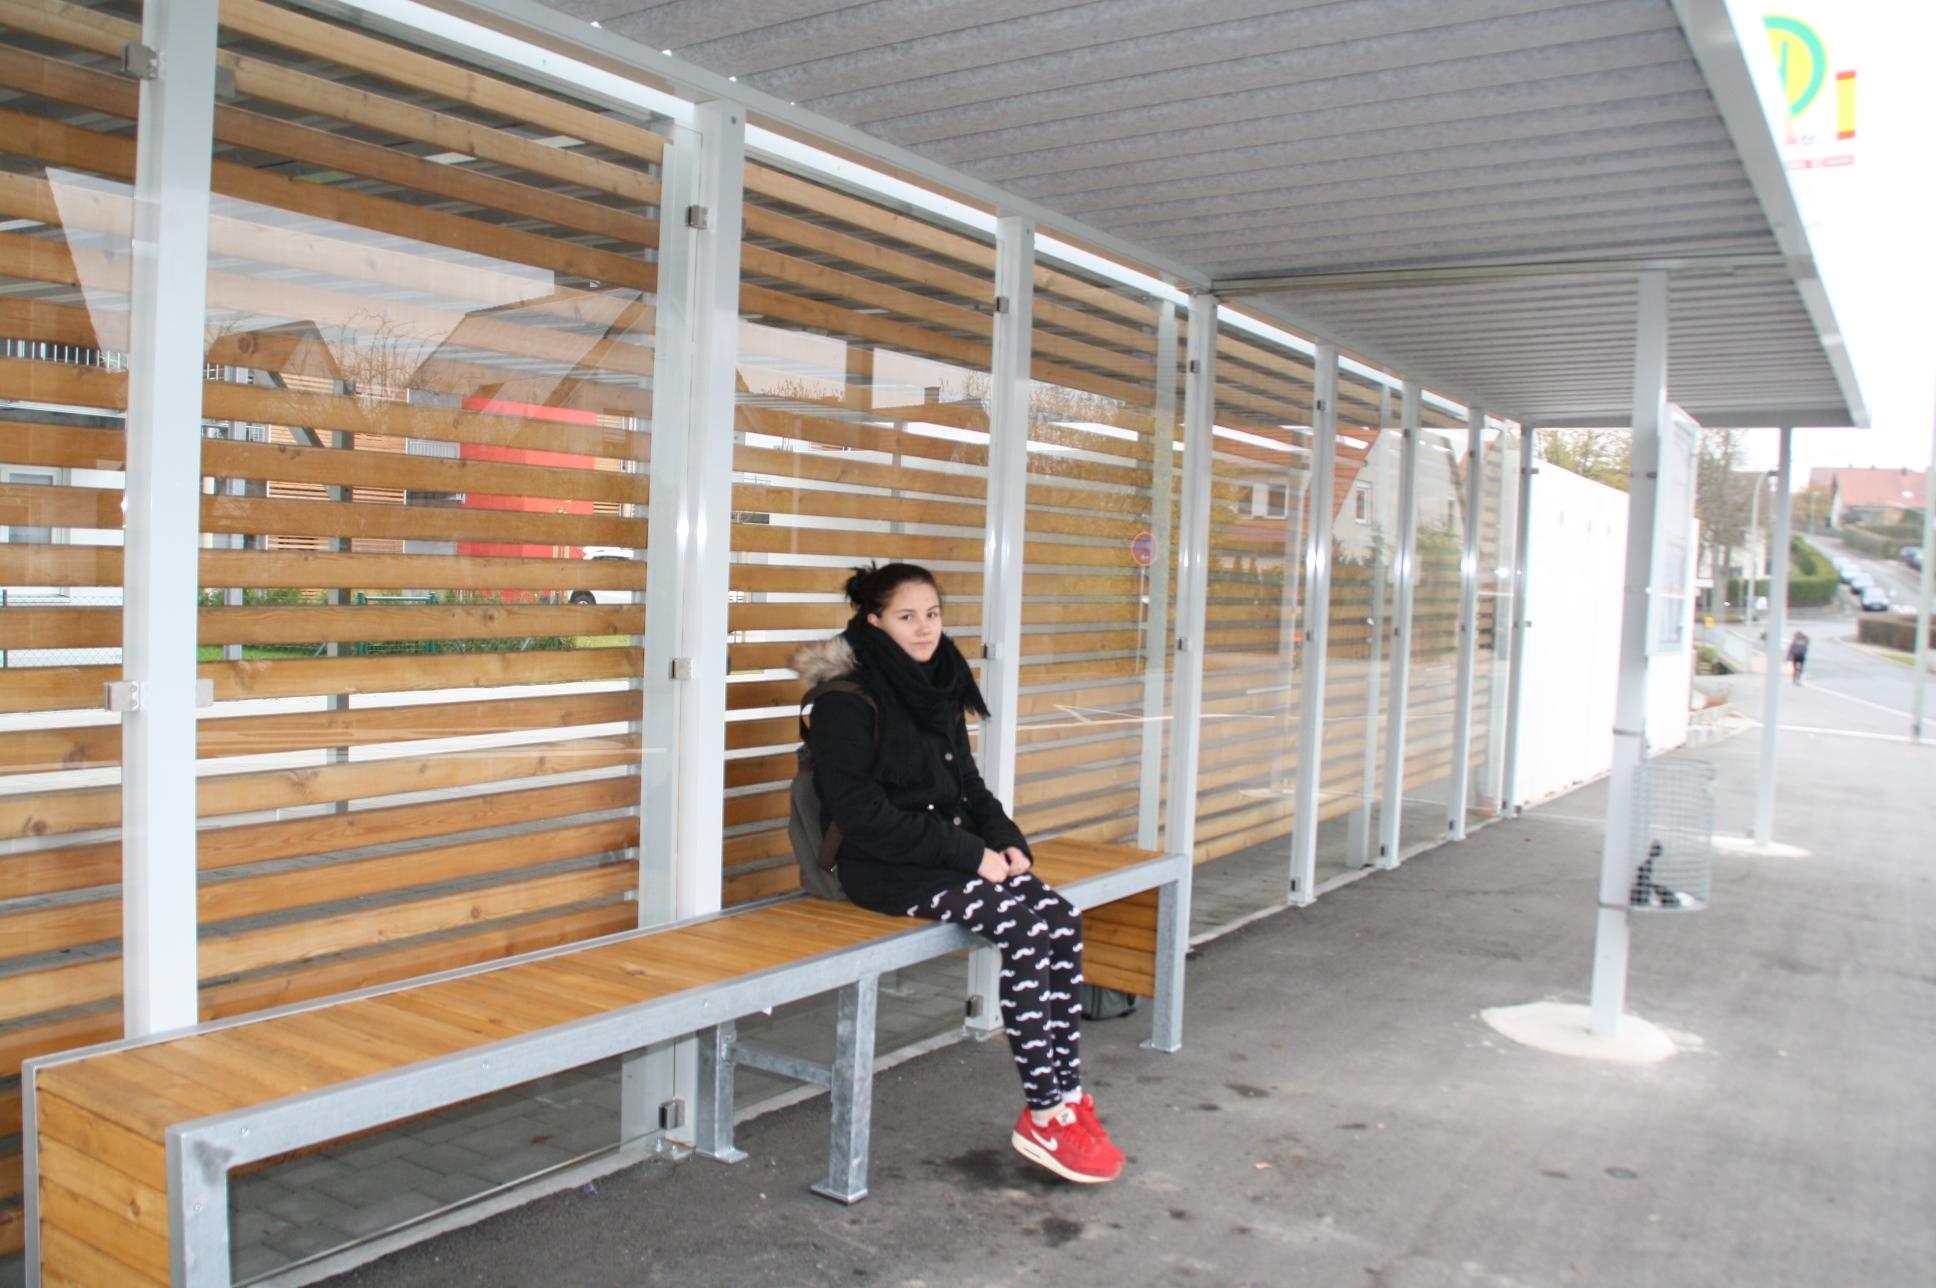 Geplant waren im Buswartehäuschen Drahtsessel. Stattdessen steht dort eine Bank mit 55 Zentimeter Sitzhöhe.